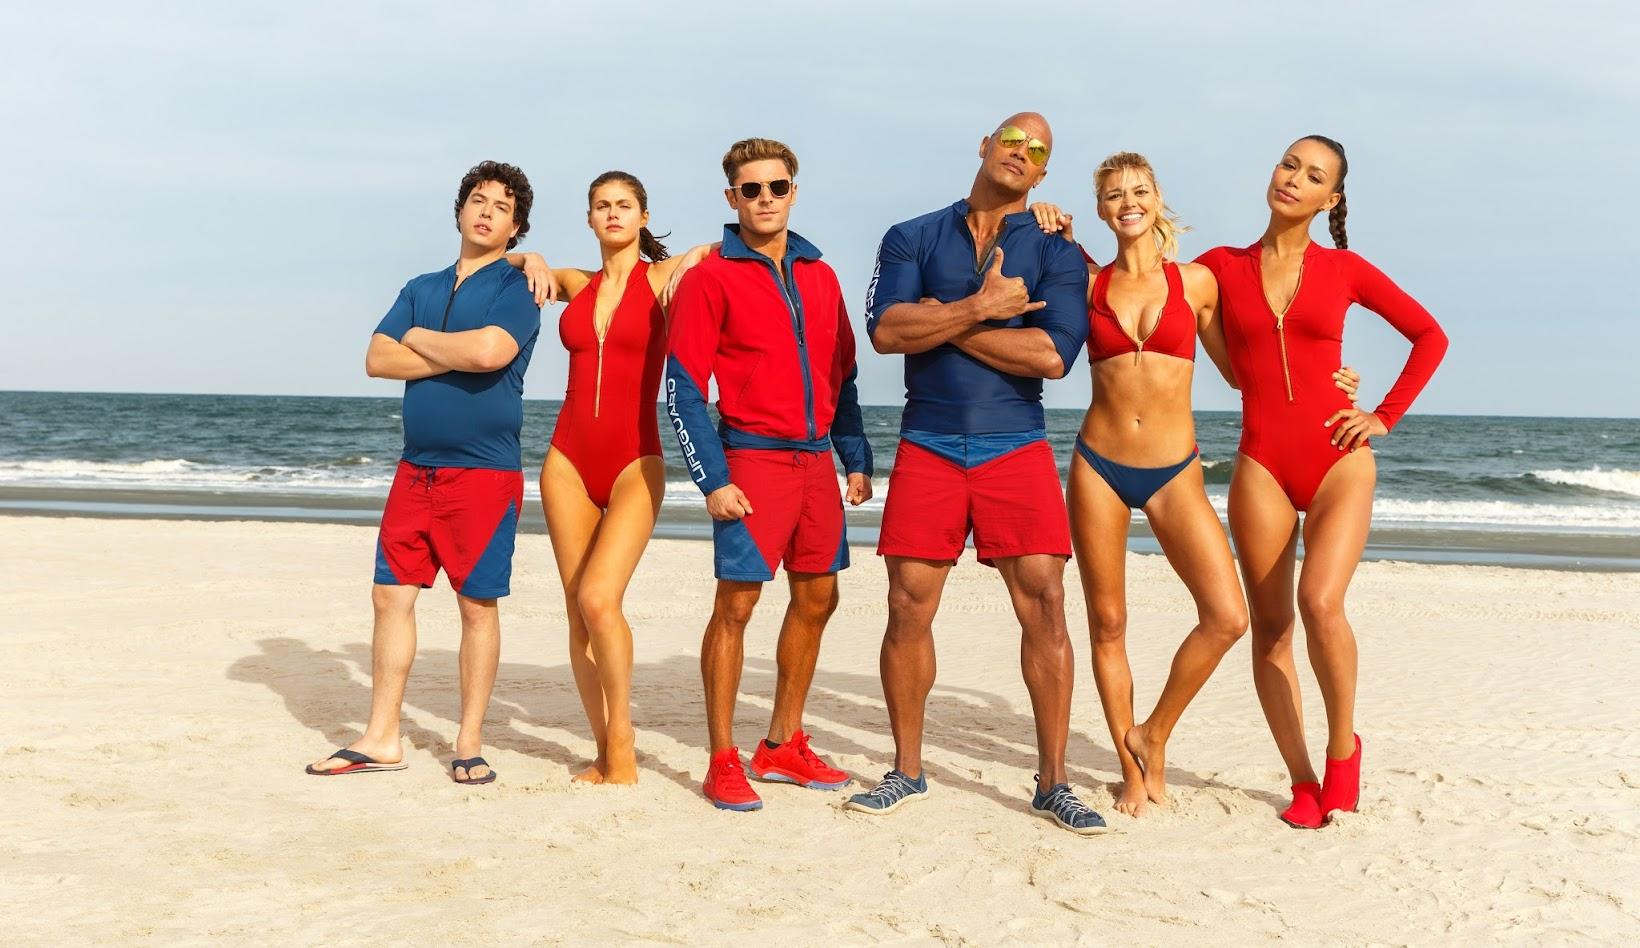 """As praias estão seguras no 1º trailer de """"Baywatch"""", com Dwayne Johnson e Zac Efron"""